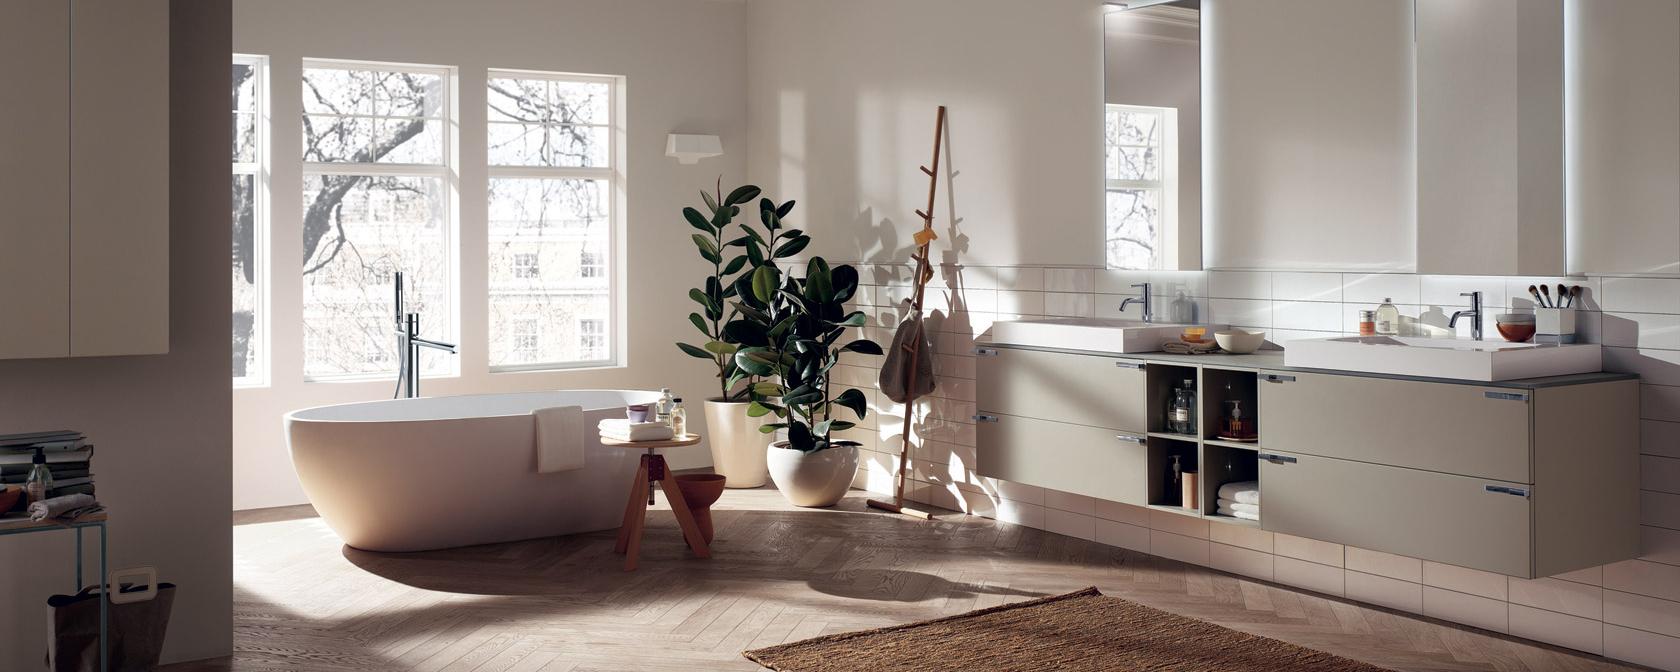 Immagini Di Bagni Moderni candiano venceramica - come arredare il bagno? soluzioni per